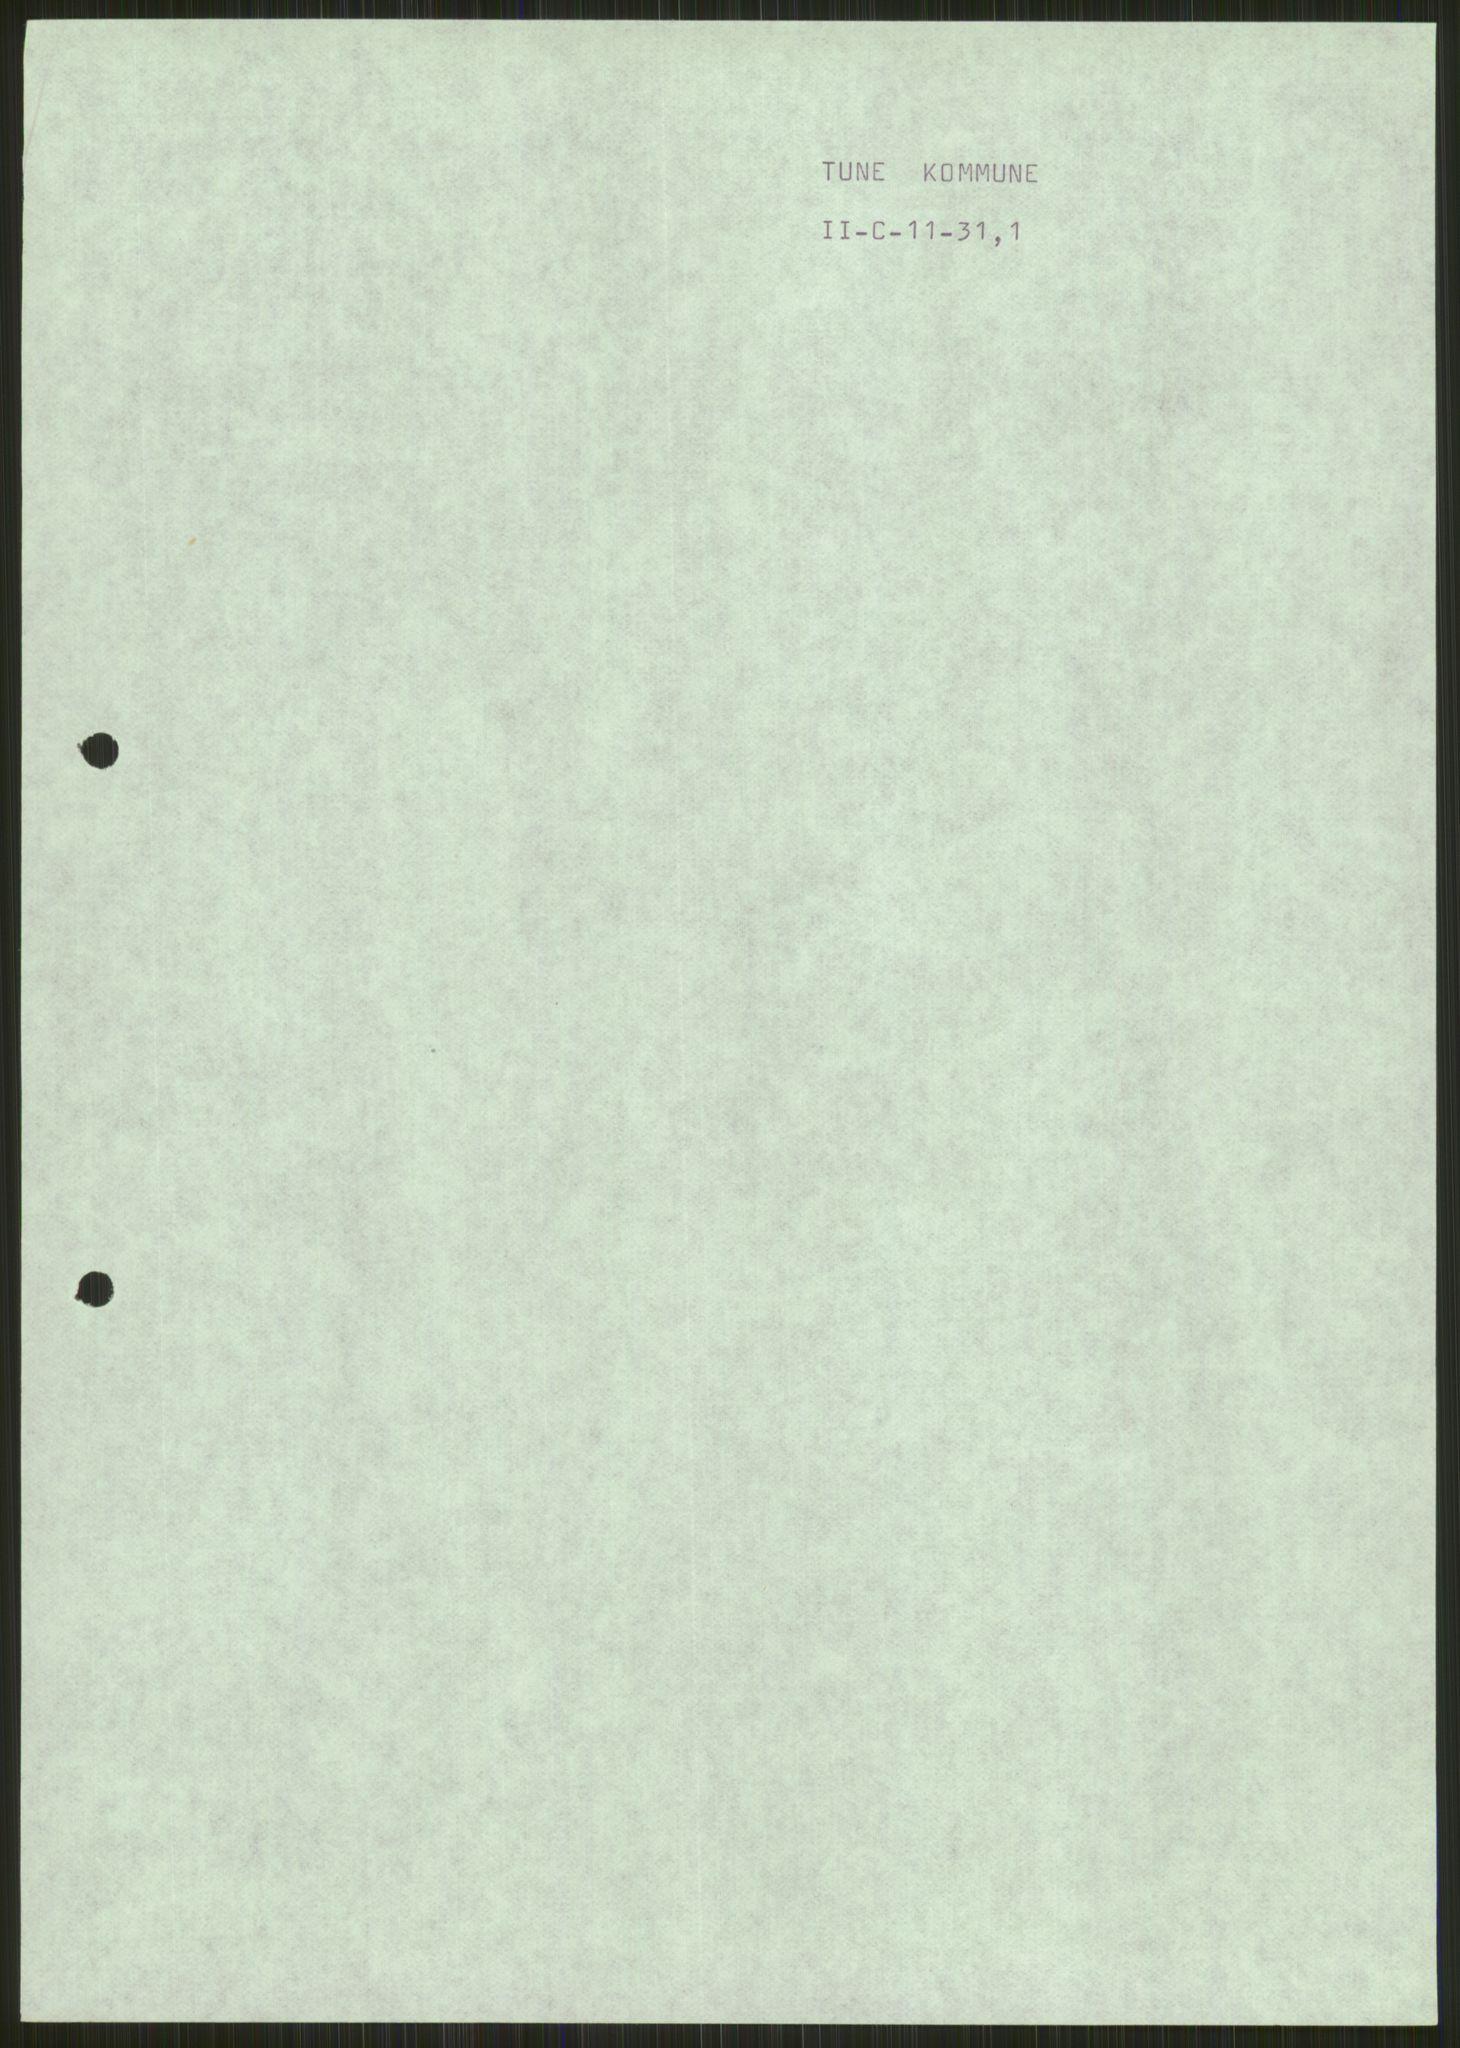 RA, Forsvaret, Forsvarets krigshistoriske avdeling, Y/Ya/L0013: II-C-11-31 - Fylkesmenn.  Rapporter om krigsbegivenhetene 1940., 1940, s. 184